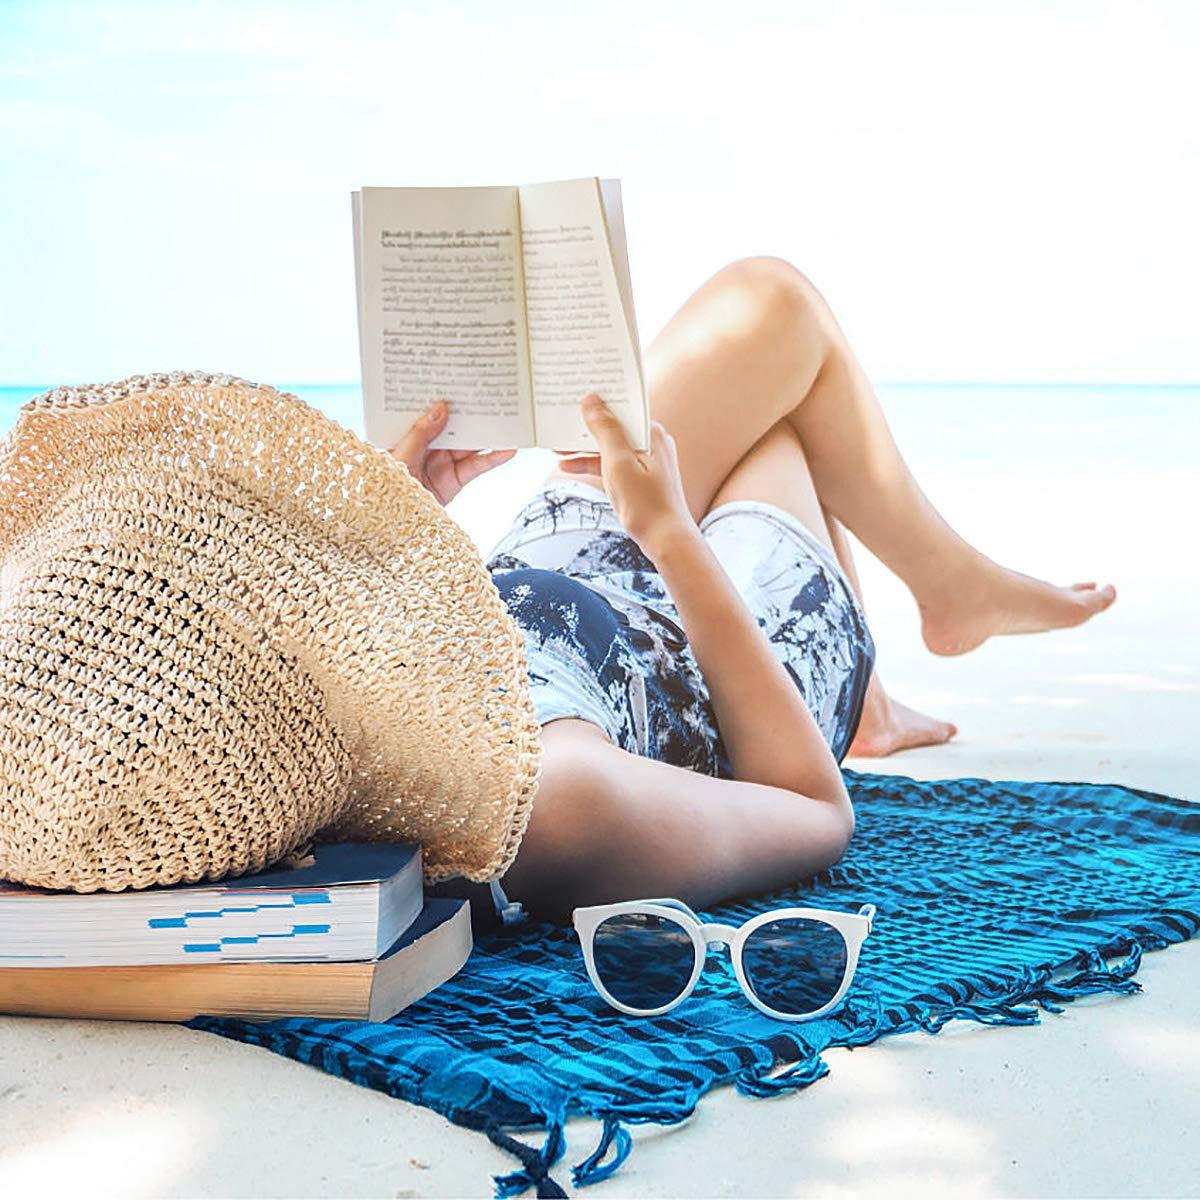 Cappello Parasole di Paglia da donna Elegante beige flessibile e pieghevole per l/'estate viaggio e la spiaggia Vacanze Cappello Tesa Larga da Sole Estate